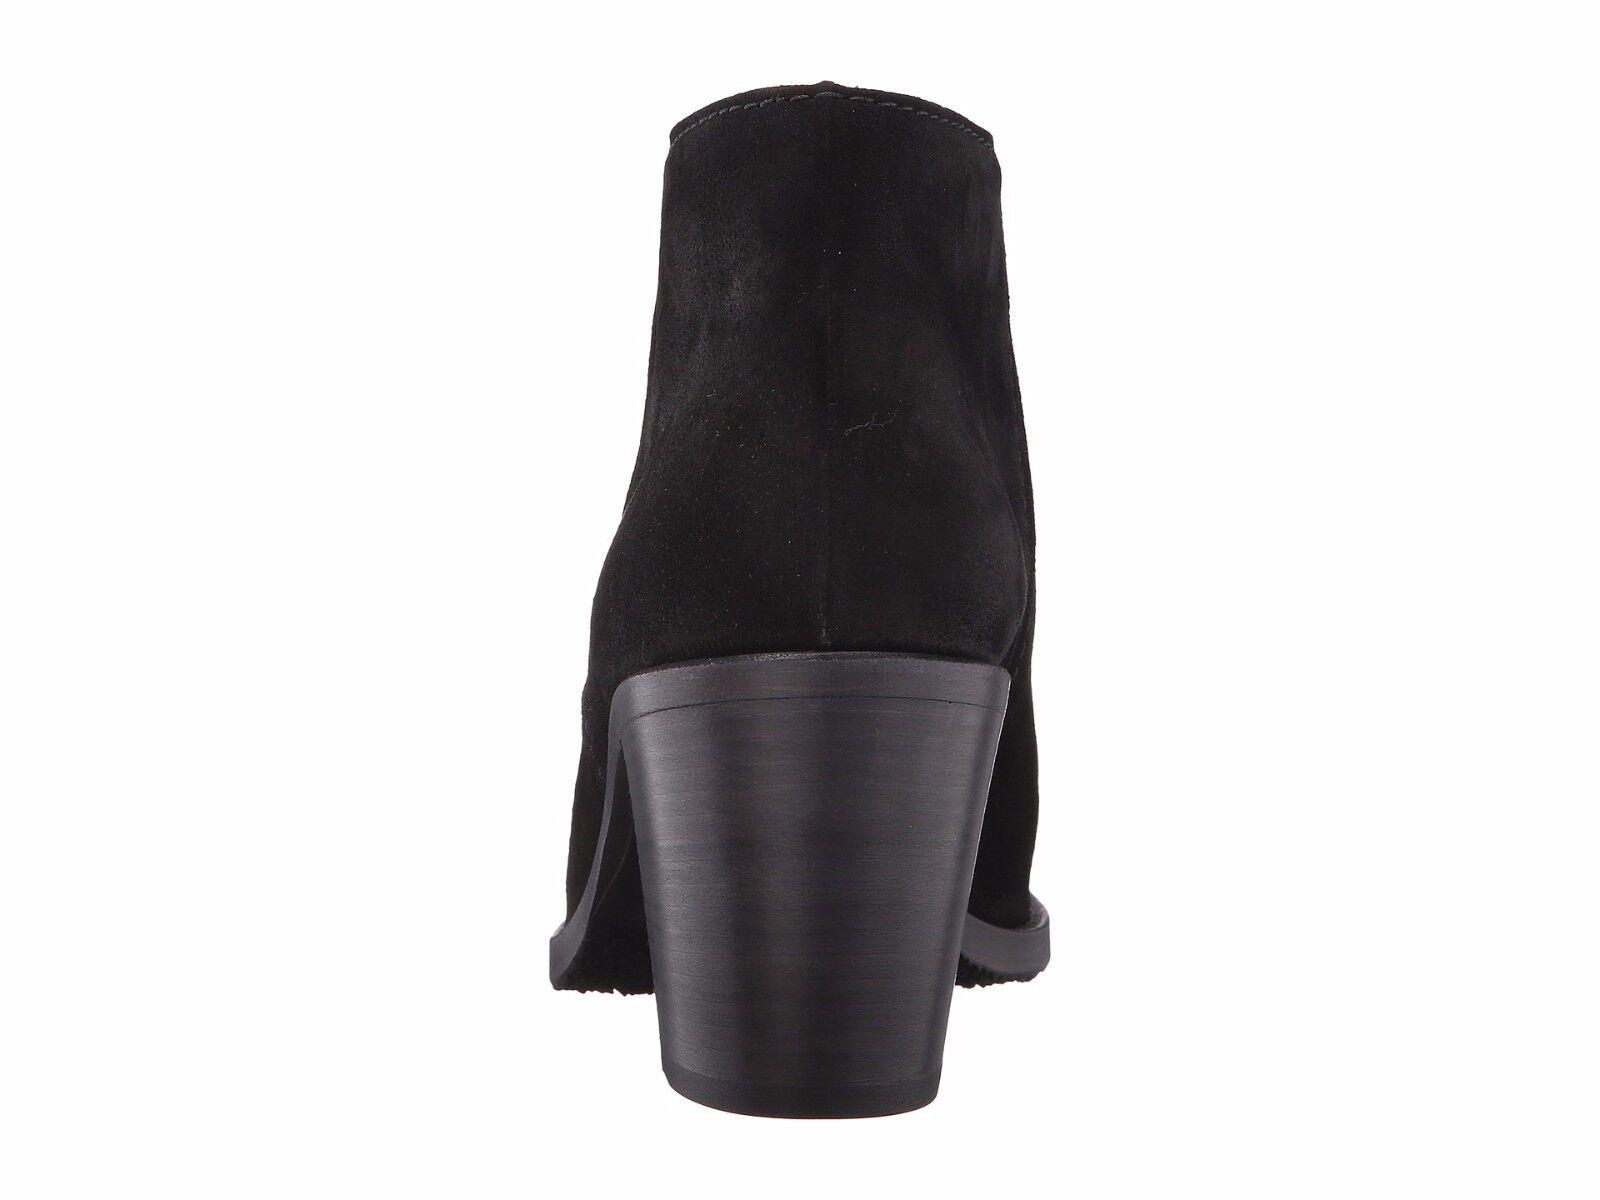 Aquatalia Lana Negro Gamuza Para Mujer Talla 8.5 precio minorista sugerido sugerido minorista por el fabricante  450 hecha en Italia e9f482